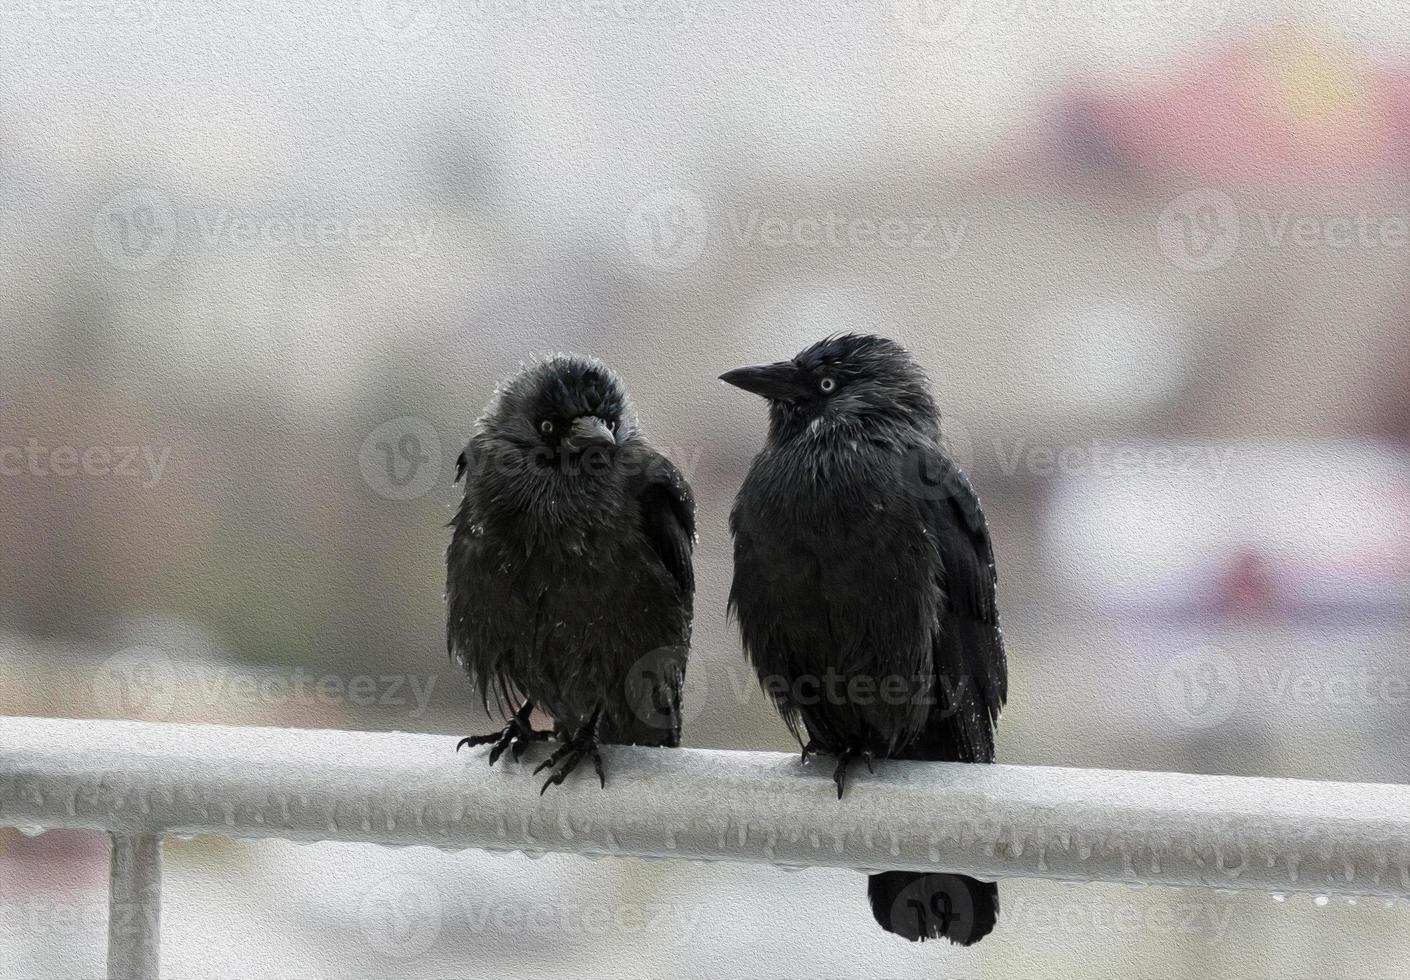 dois corvos molhados, sentado na varanda, trilho, estilização de tinta a óleo foto